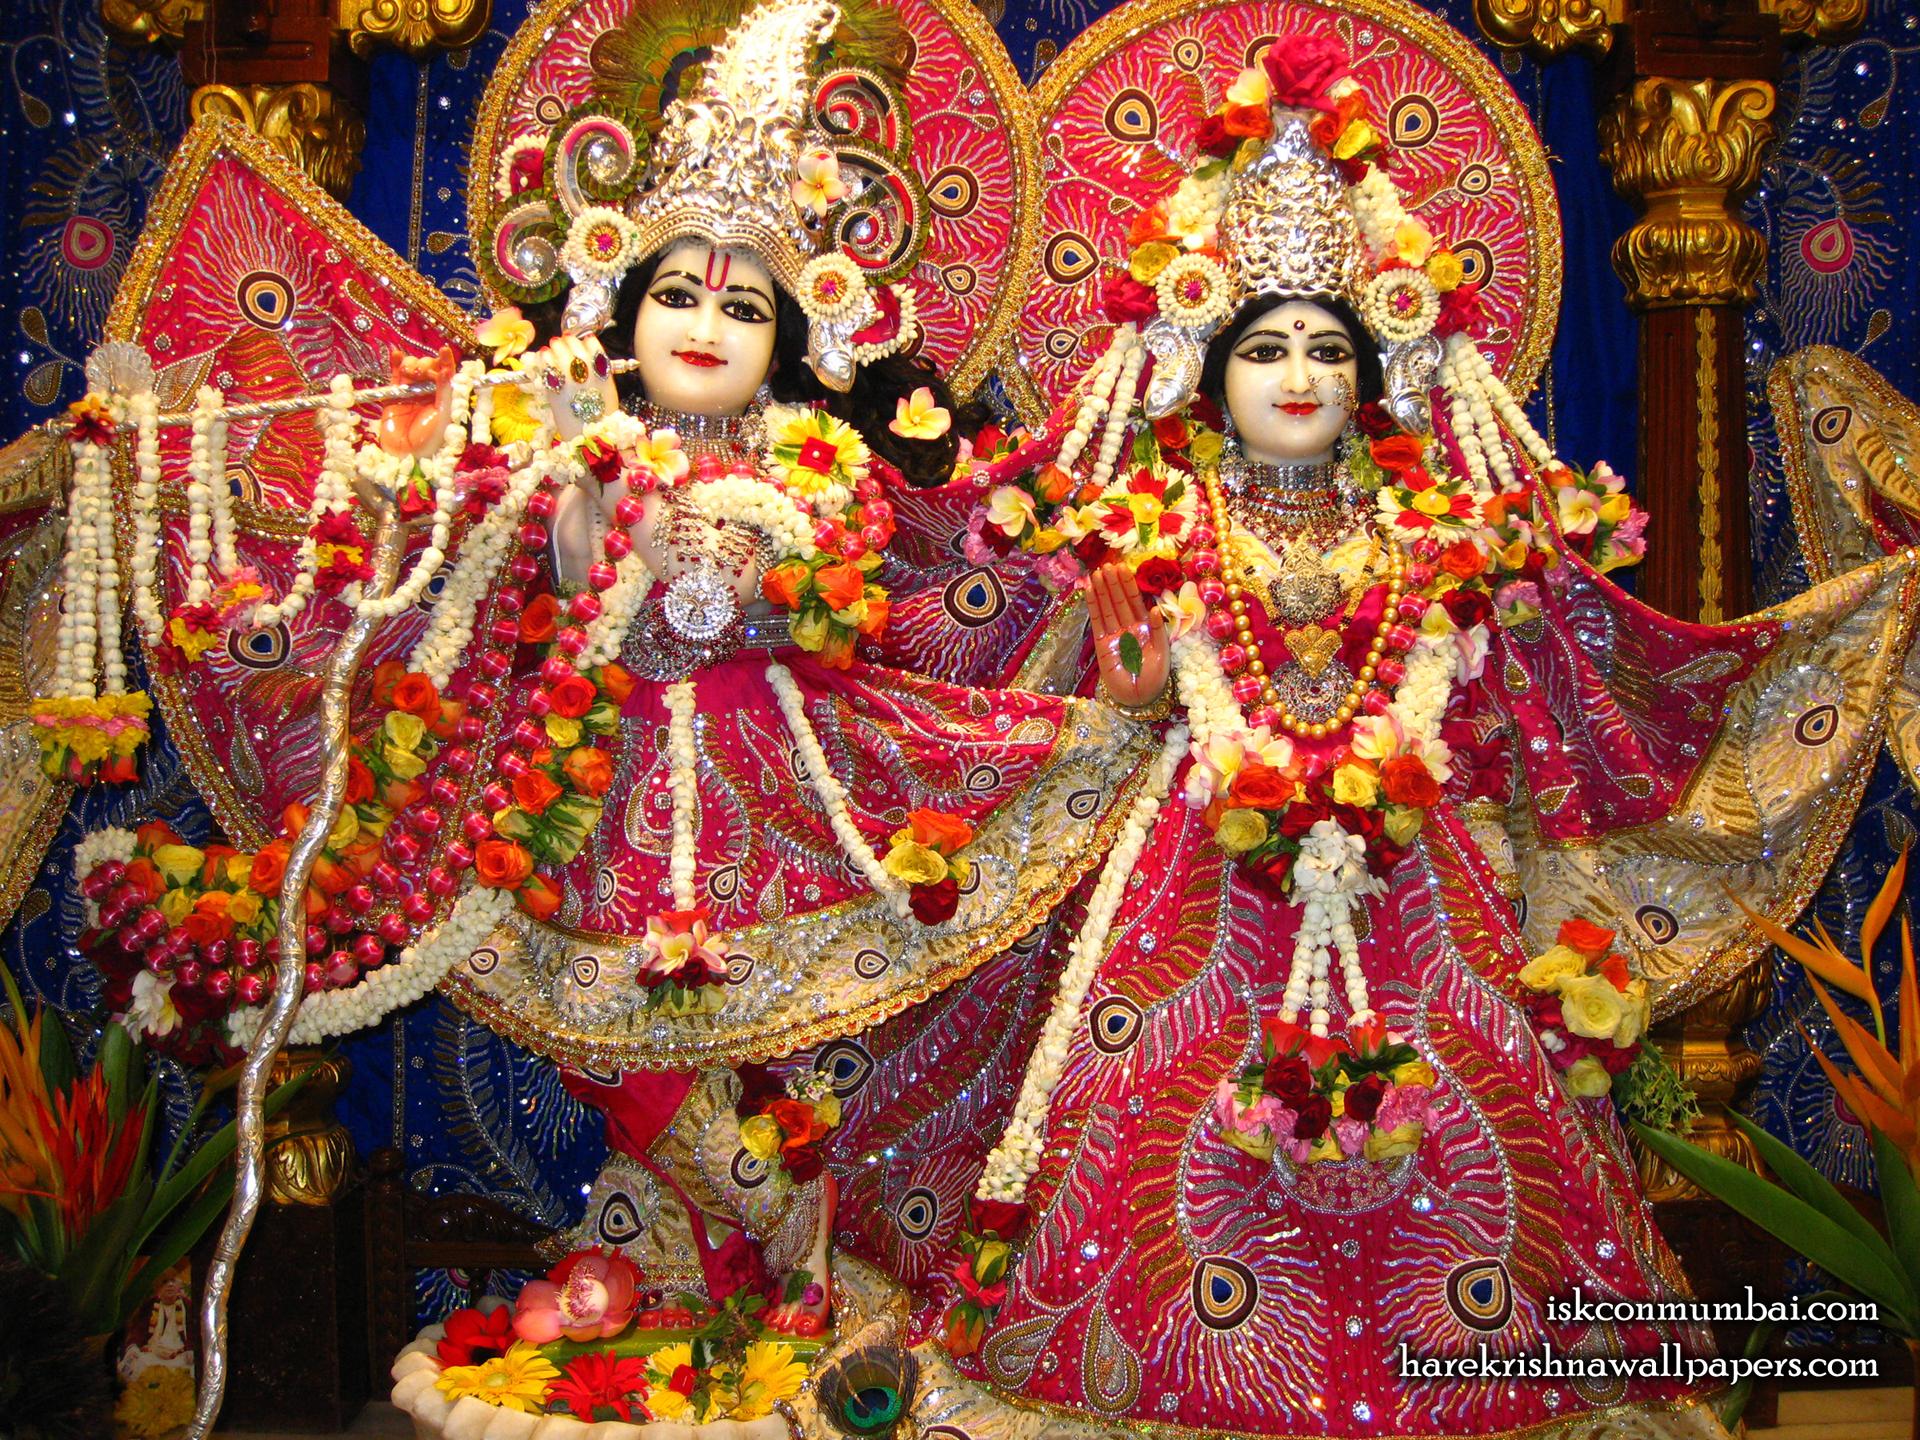 Sri Sri Radha Rasabihari Wallpaper (009) Size 1920x1440 Download